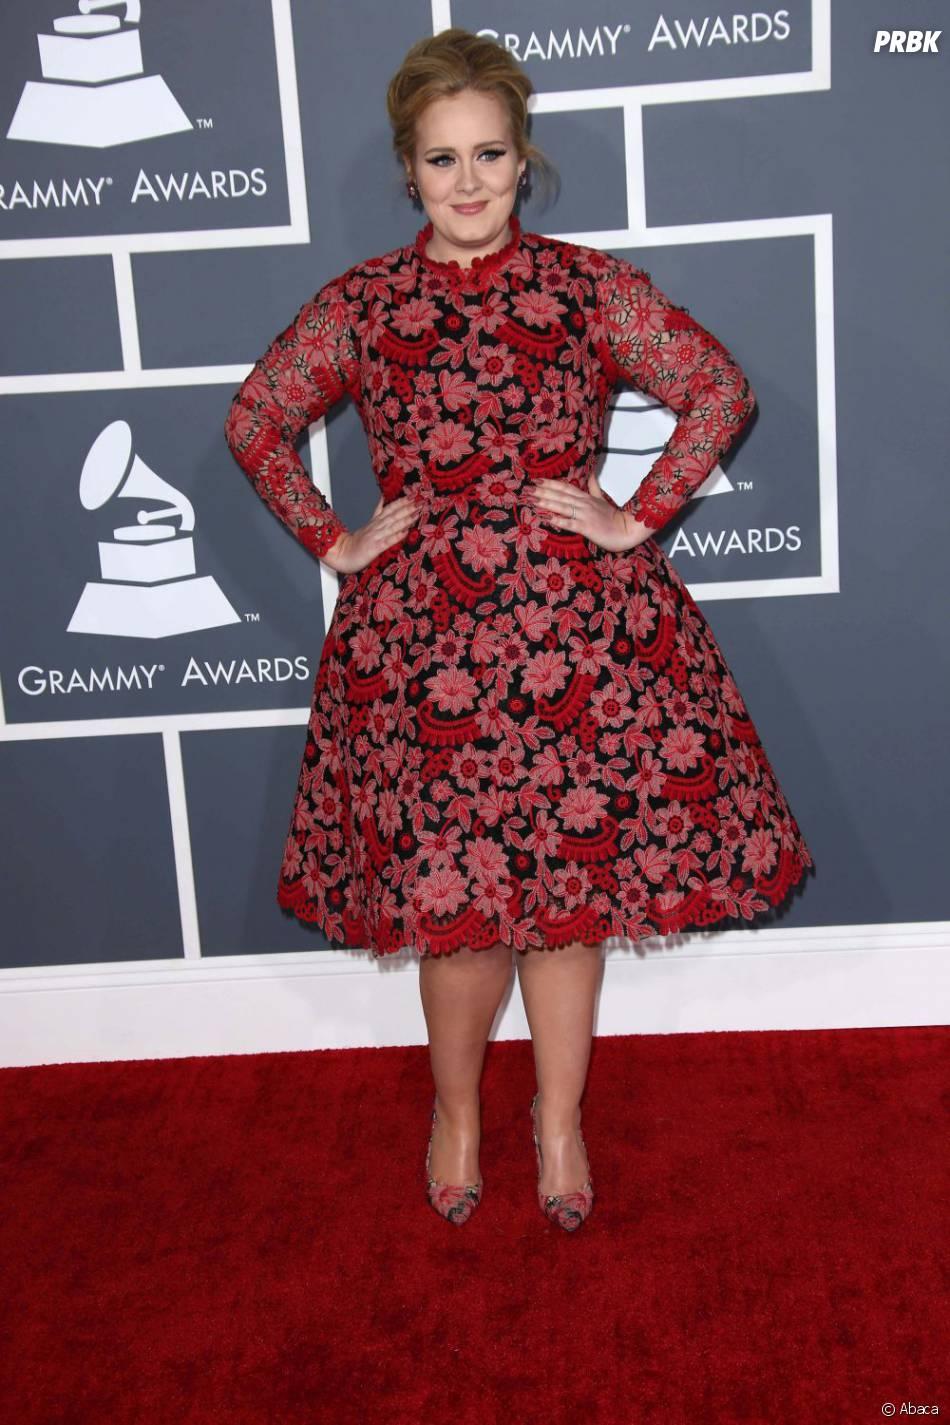 La voix d'Adele guérit tout